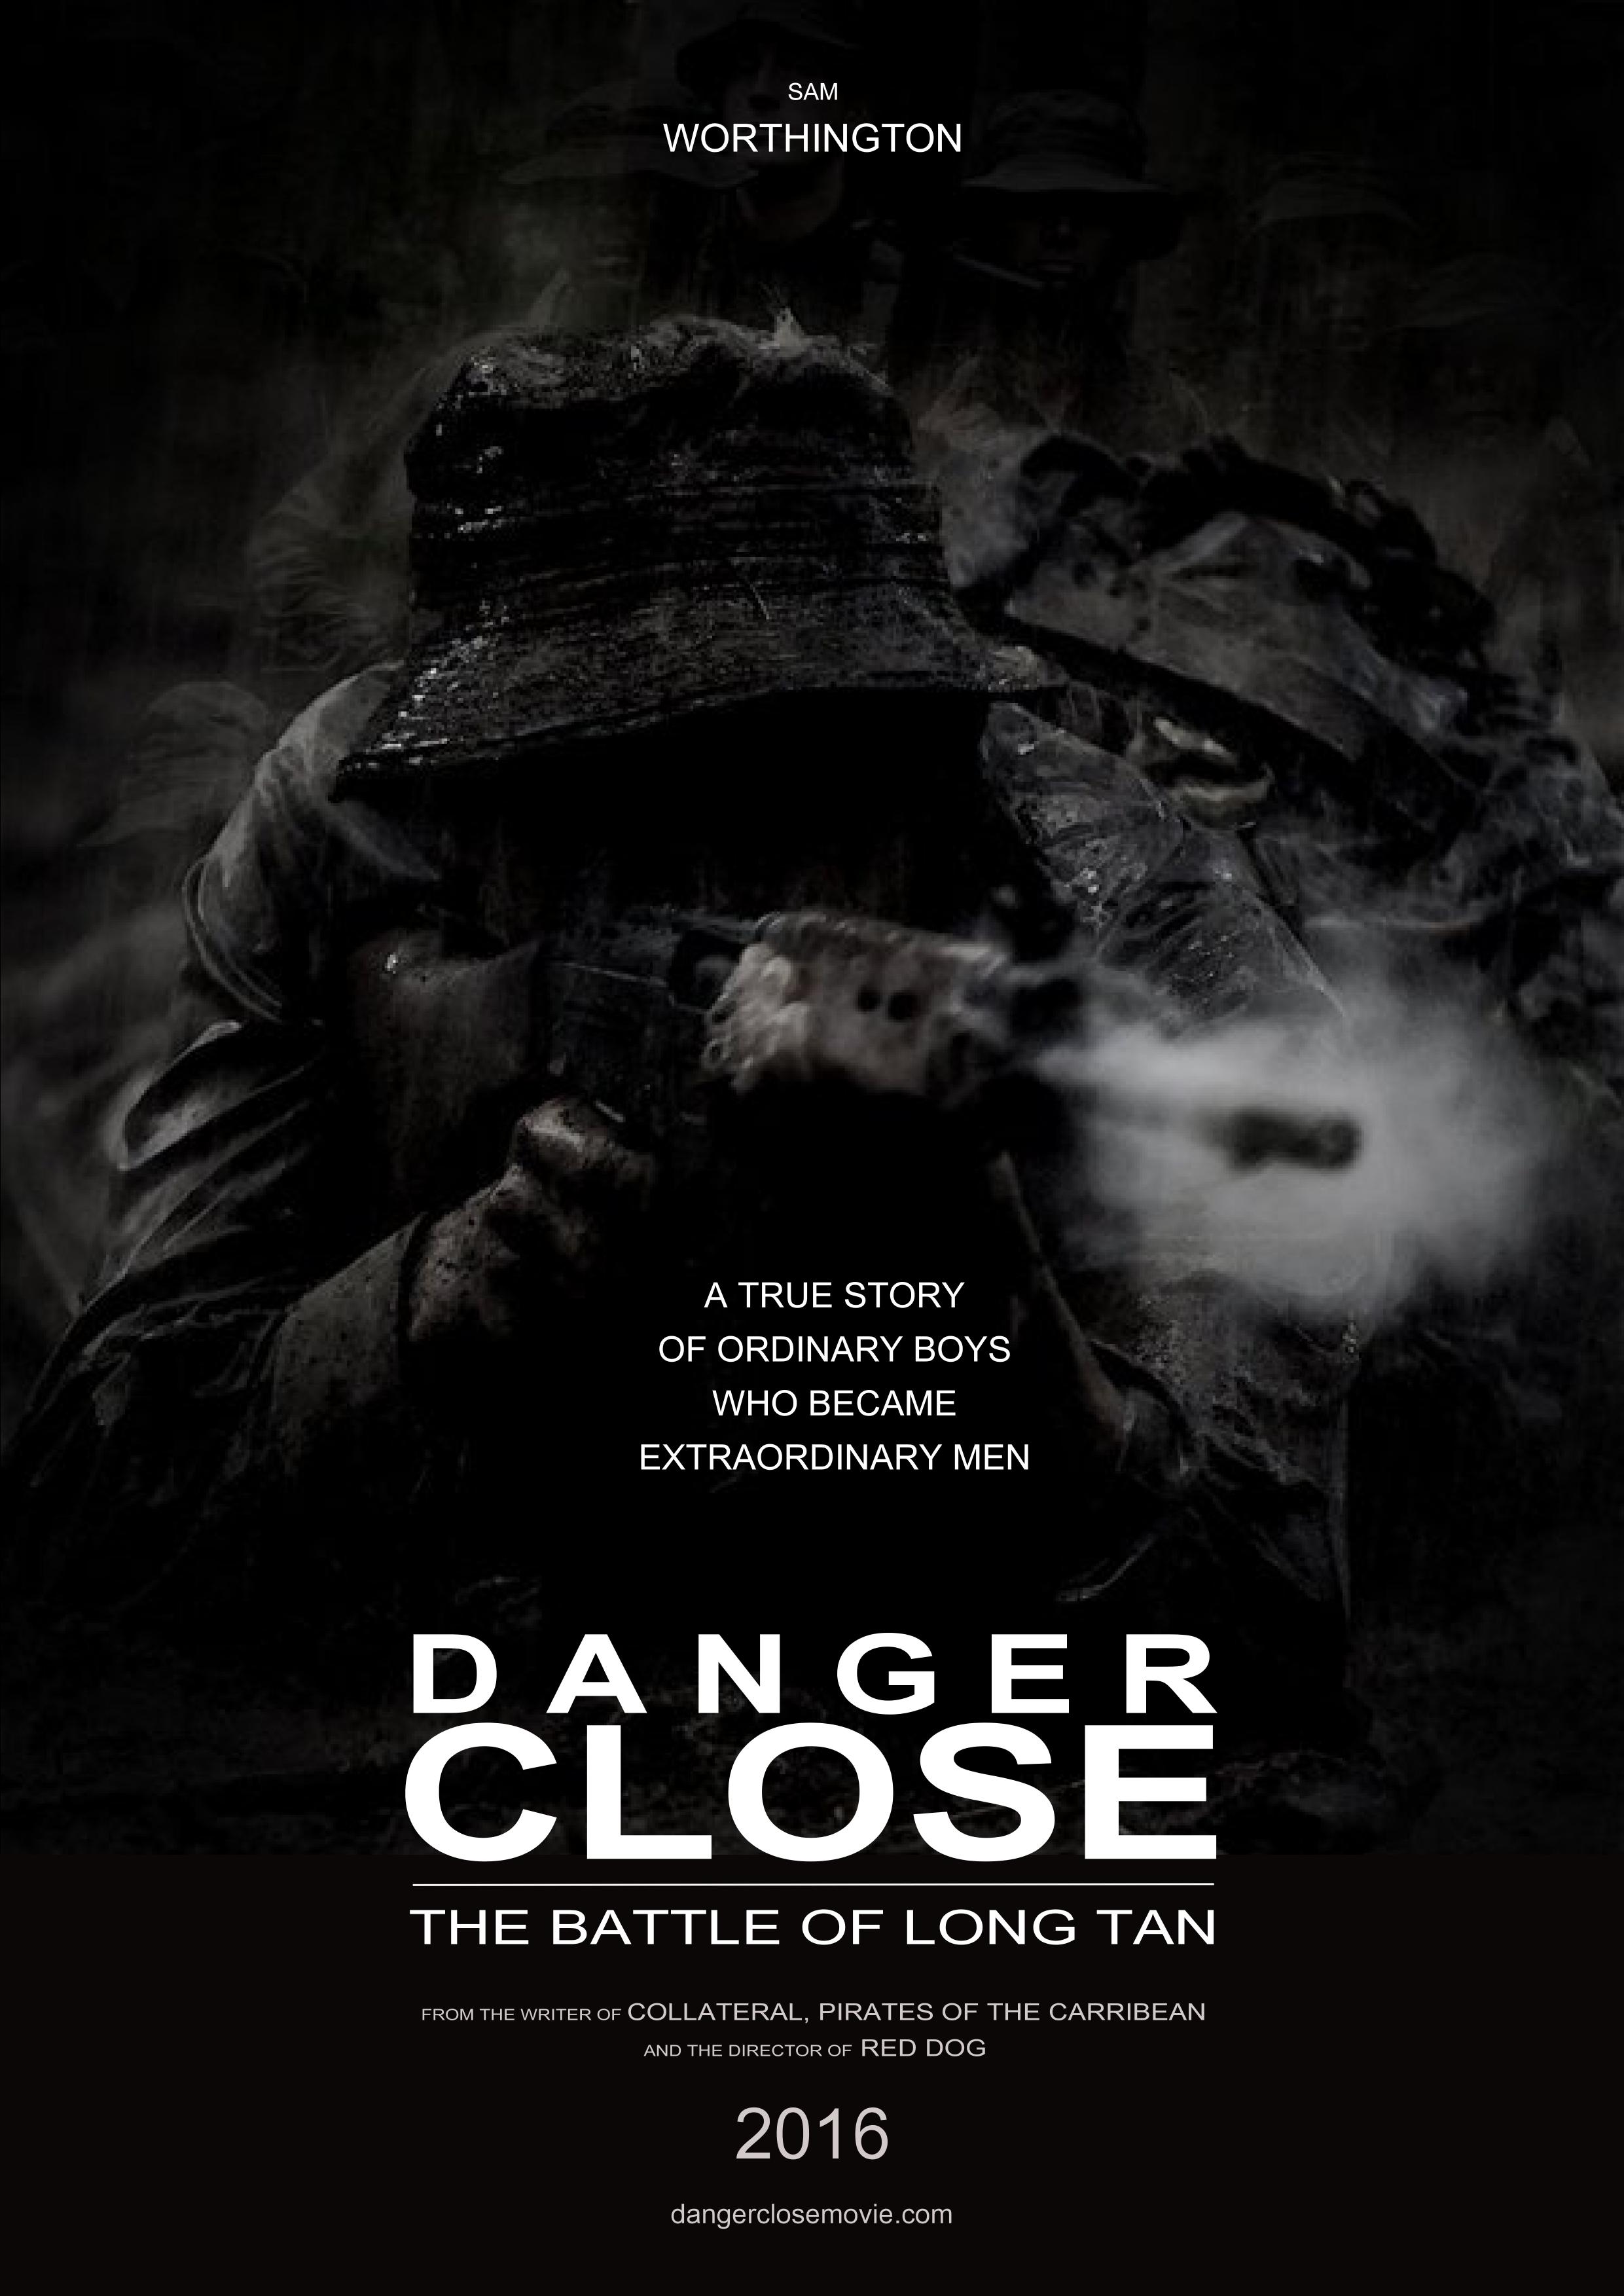 Long Tan Danger Close Movie Poster